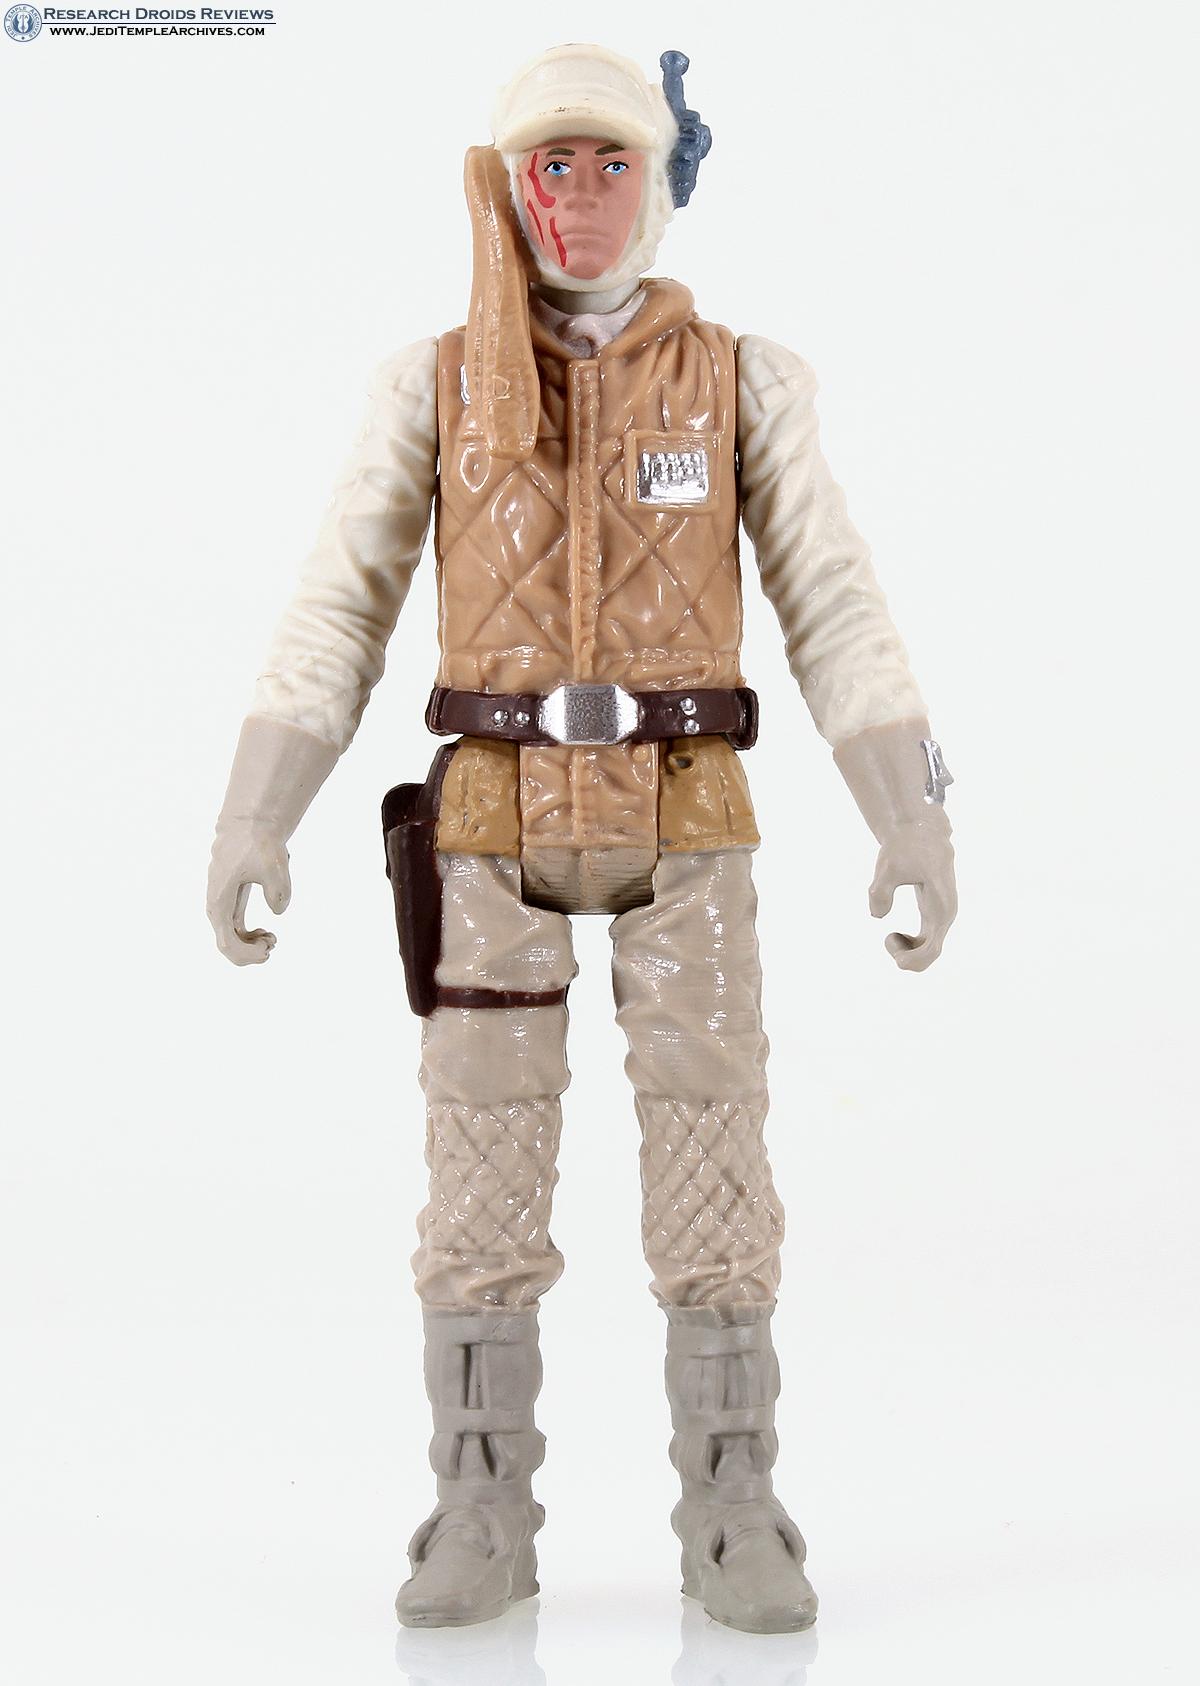 Luke Skywalker | Luke Skywalker and Han Solo